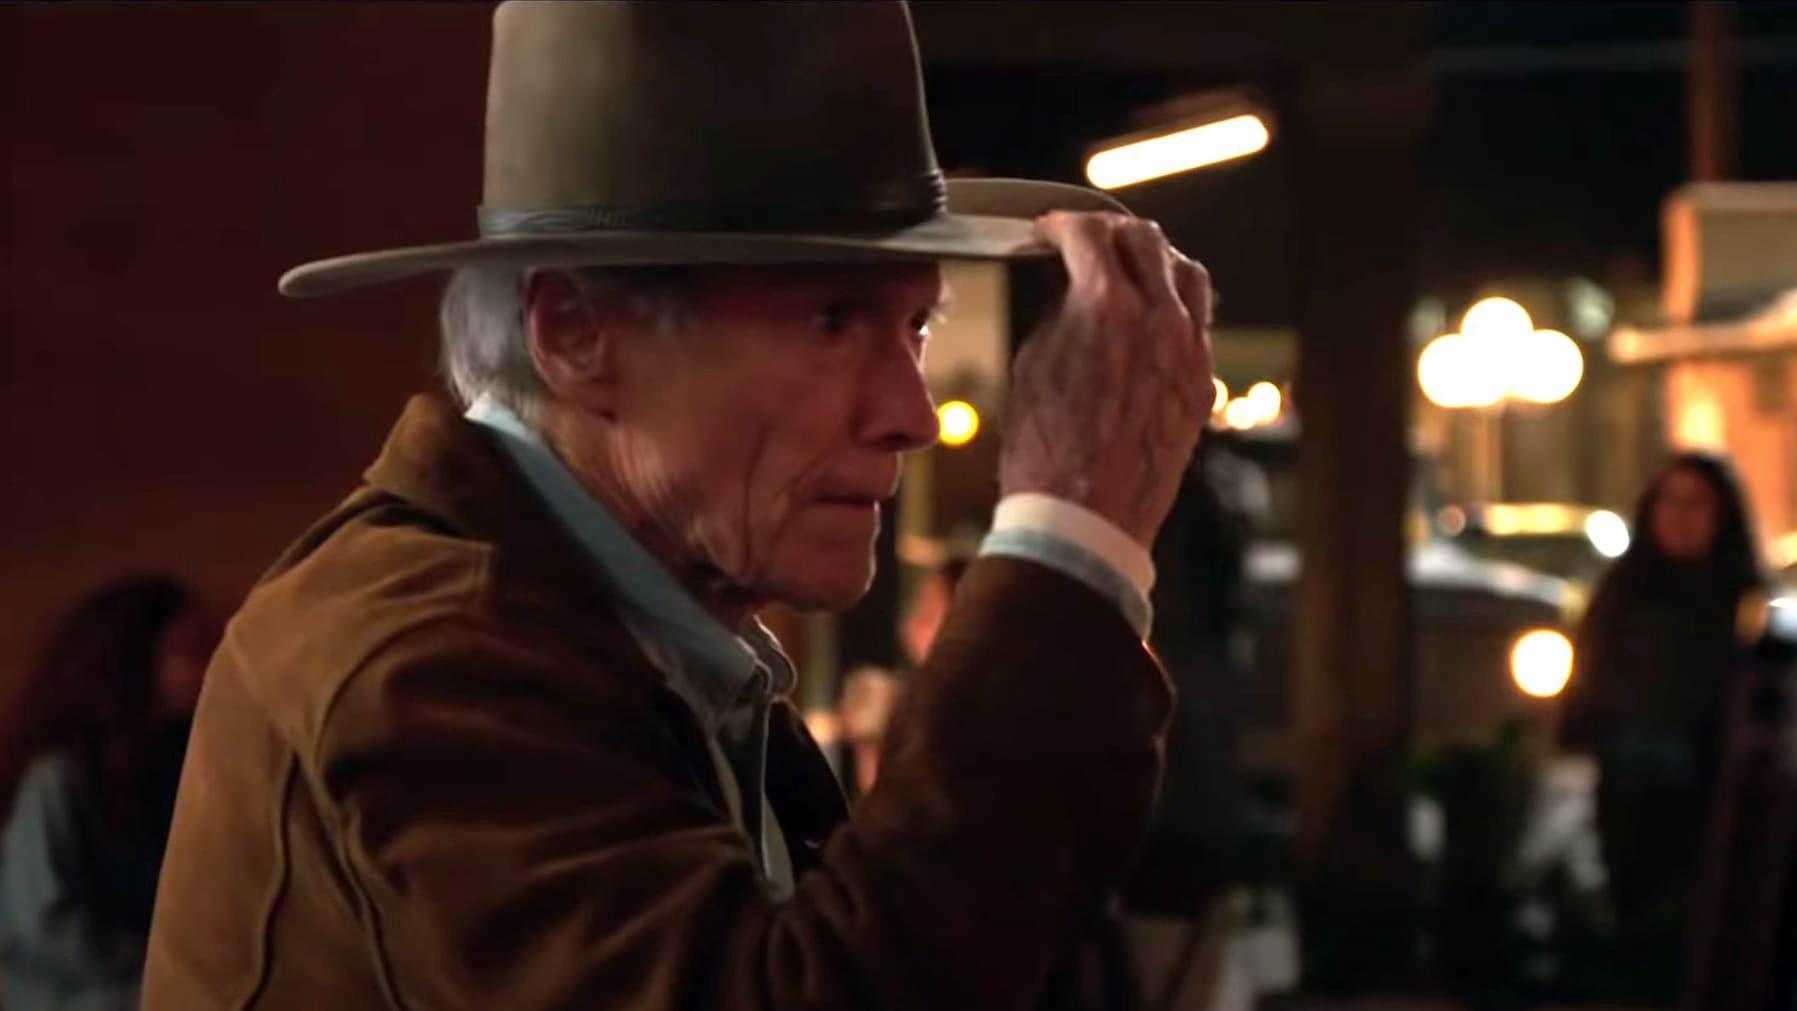 ویدیو جدیدی از فیلم مورد انتظار Cry Macho با بازی کلینت ایستوود به تجلیل از میراث این بازیگر و کارگردان مشهور هالیوودی در 8 دهه فعالیت